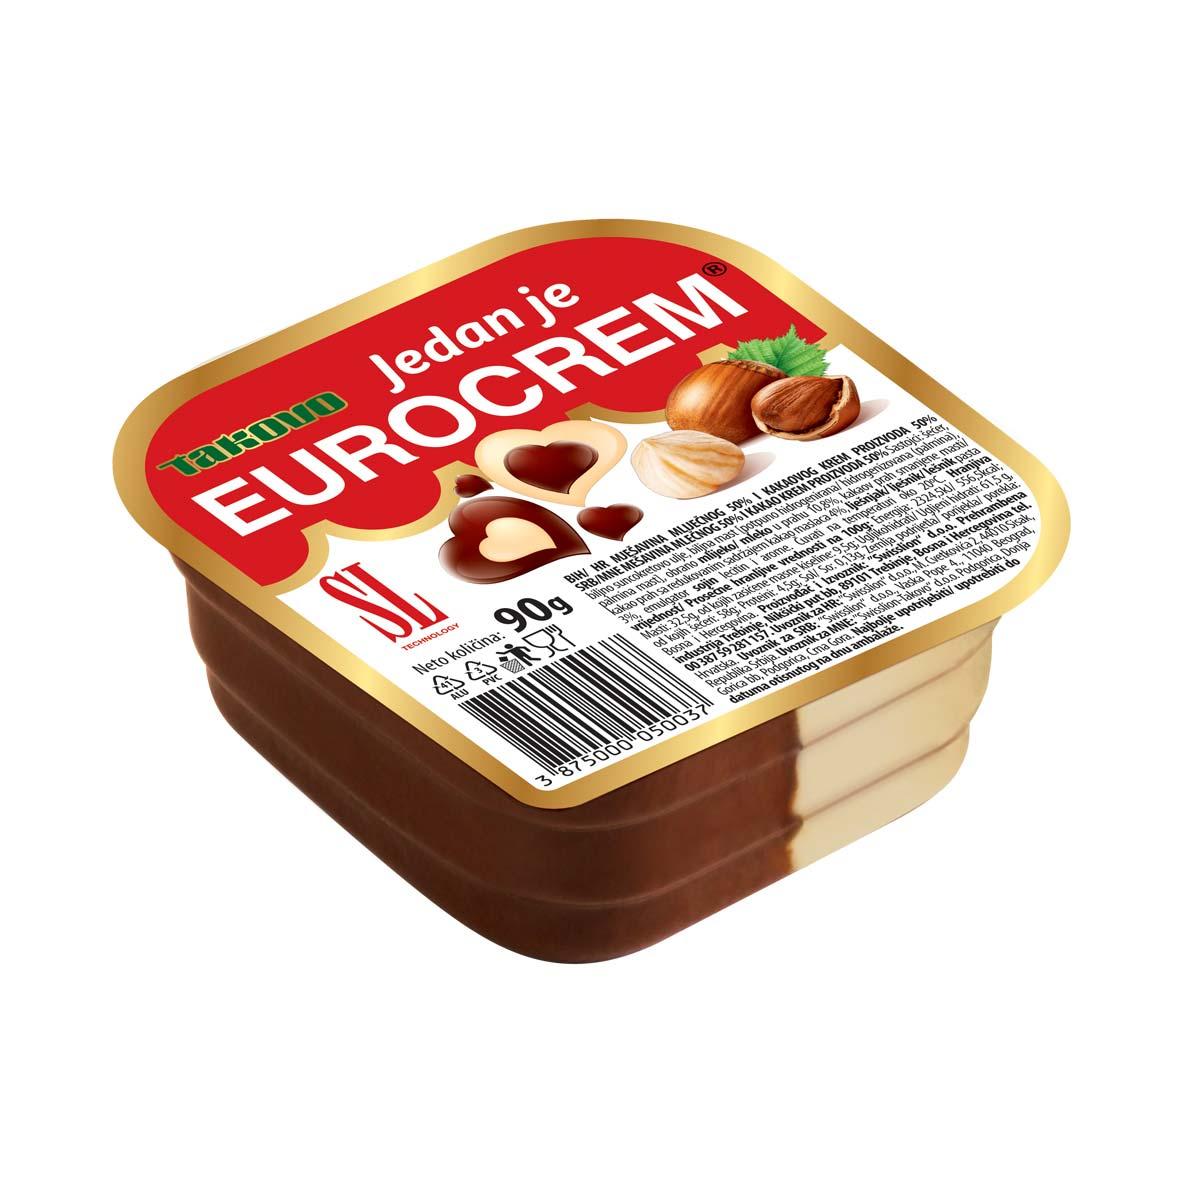 Eurocrem-90g